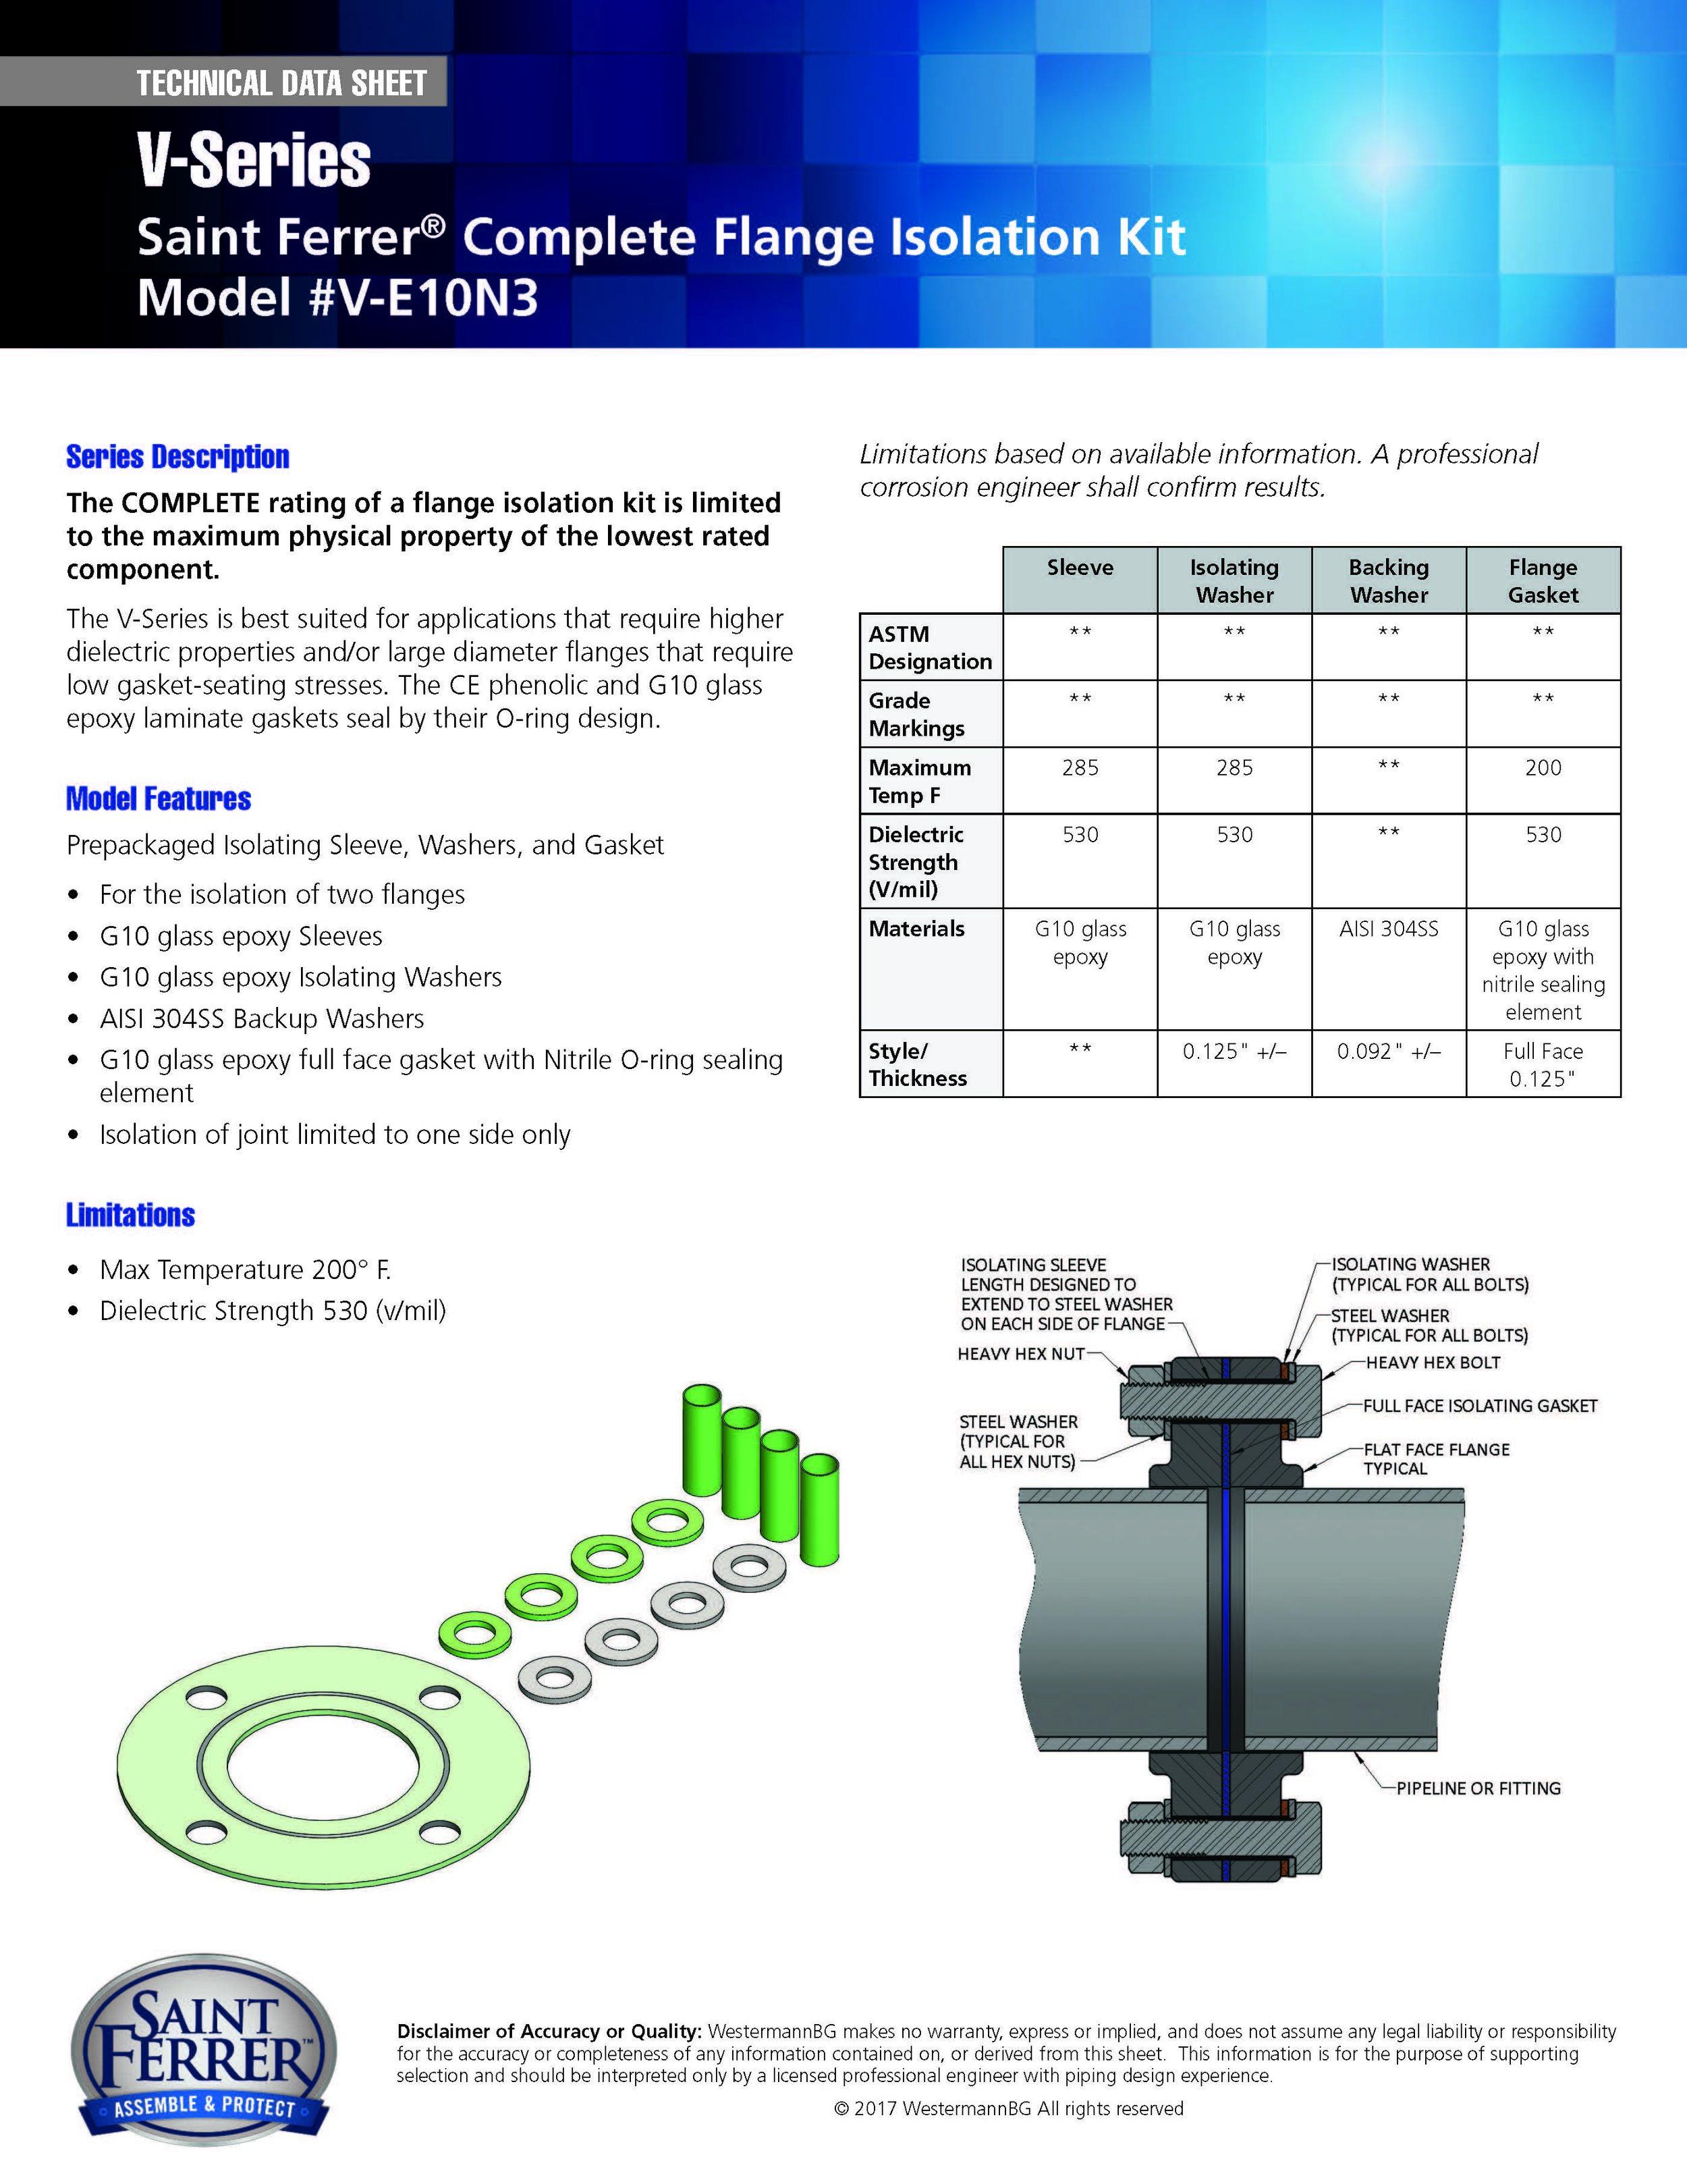 SF_Data_Sheet_V_Series_V-E10N3.jpg